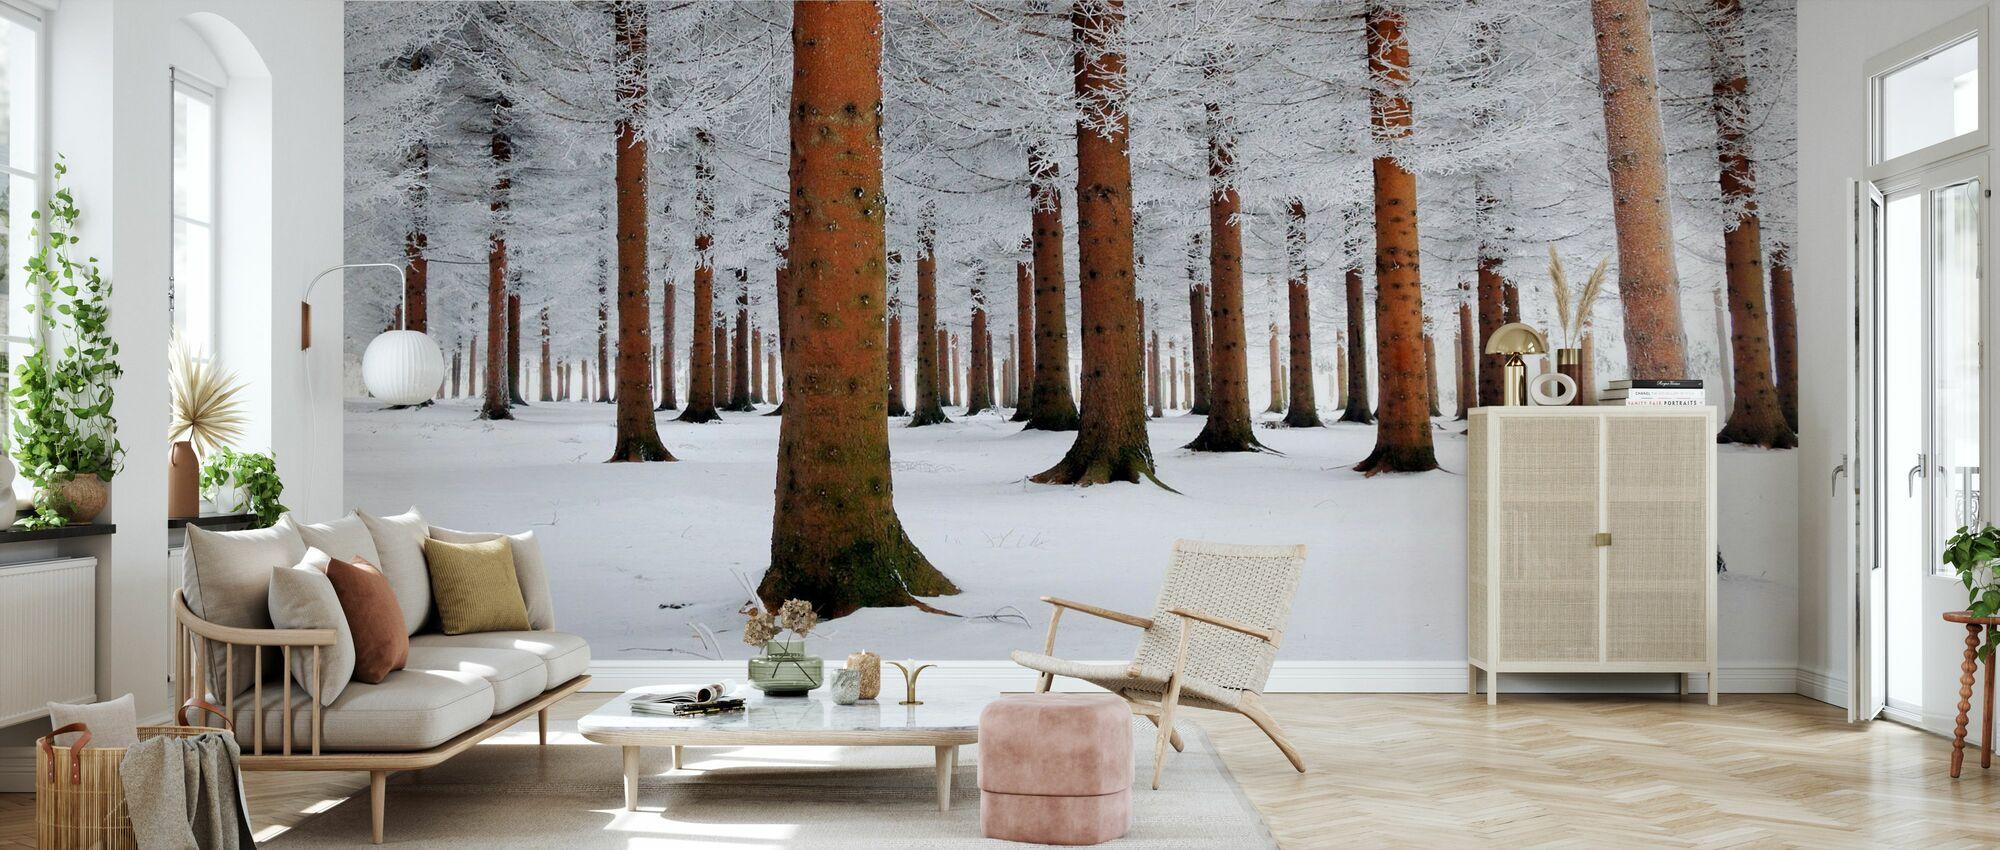 Weißwald - Tapete - Wohnzimmer